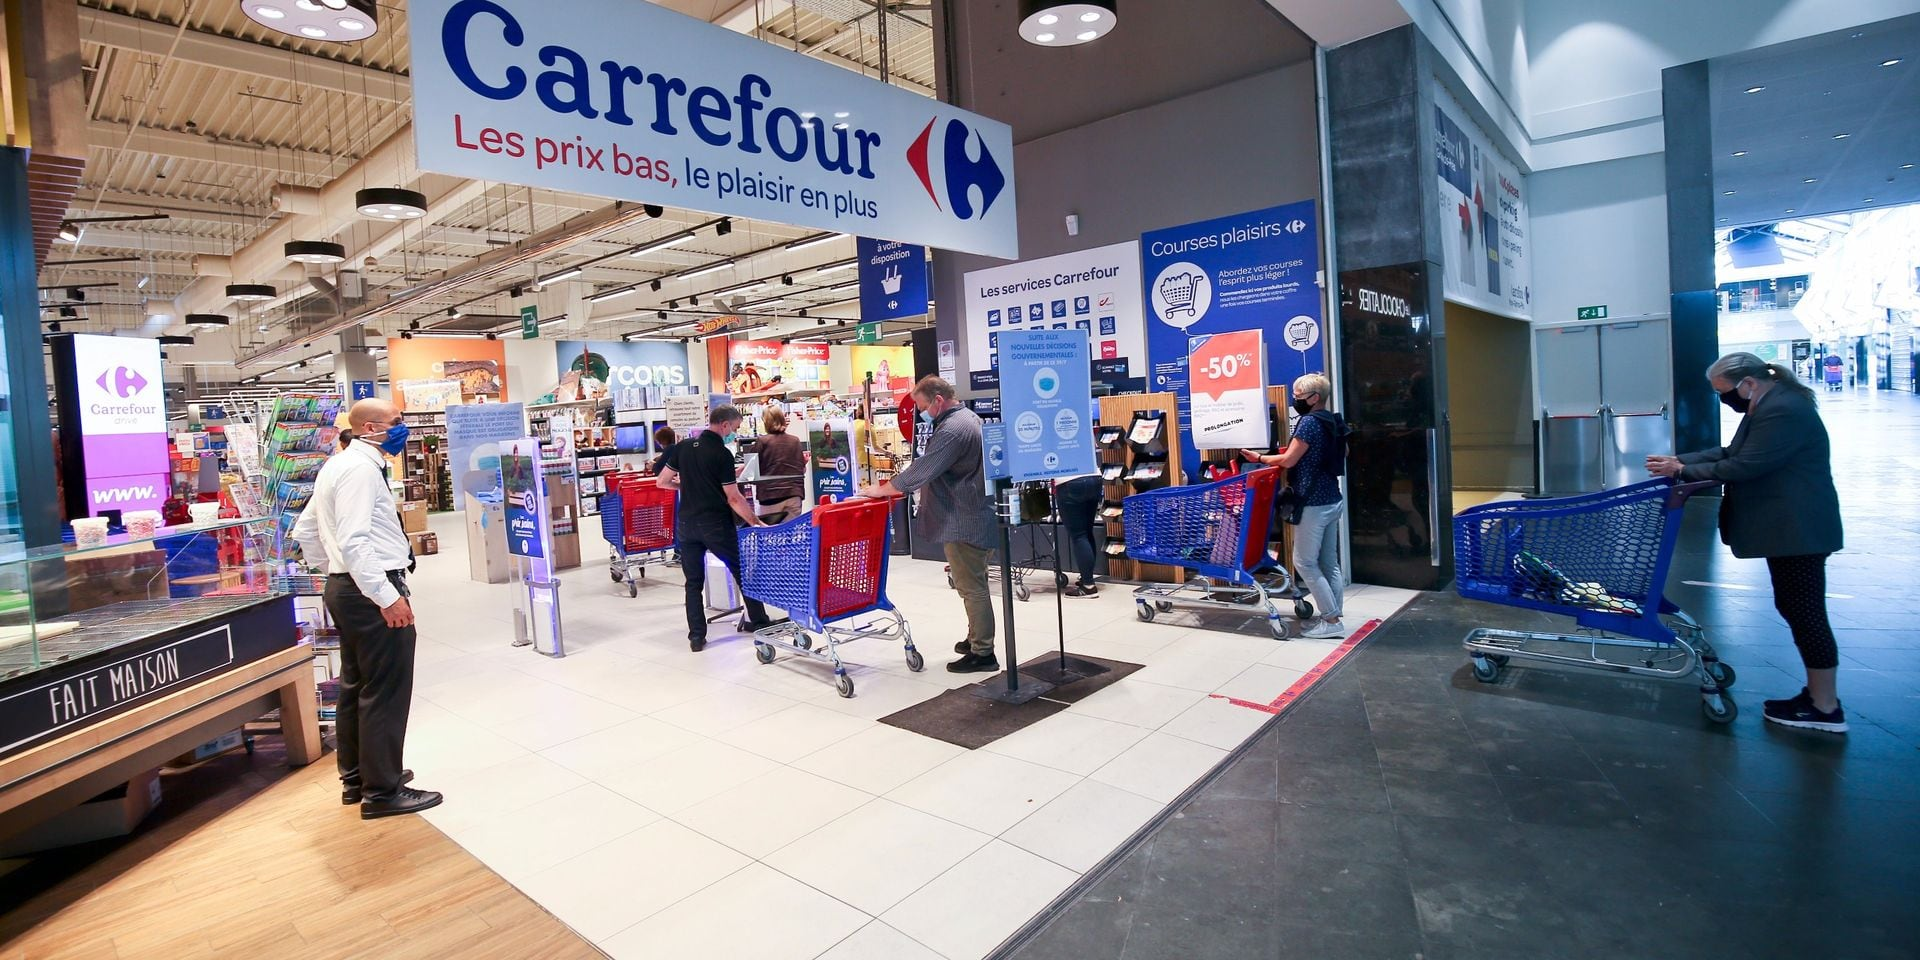 Bientôt la fin des files dans les magasins ? Carrefour teste le passage en caisse sur rendez-vous